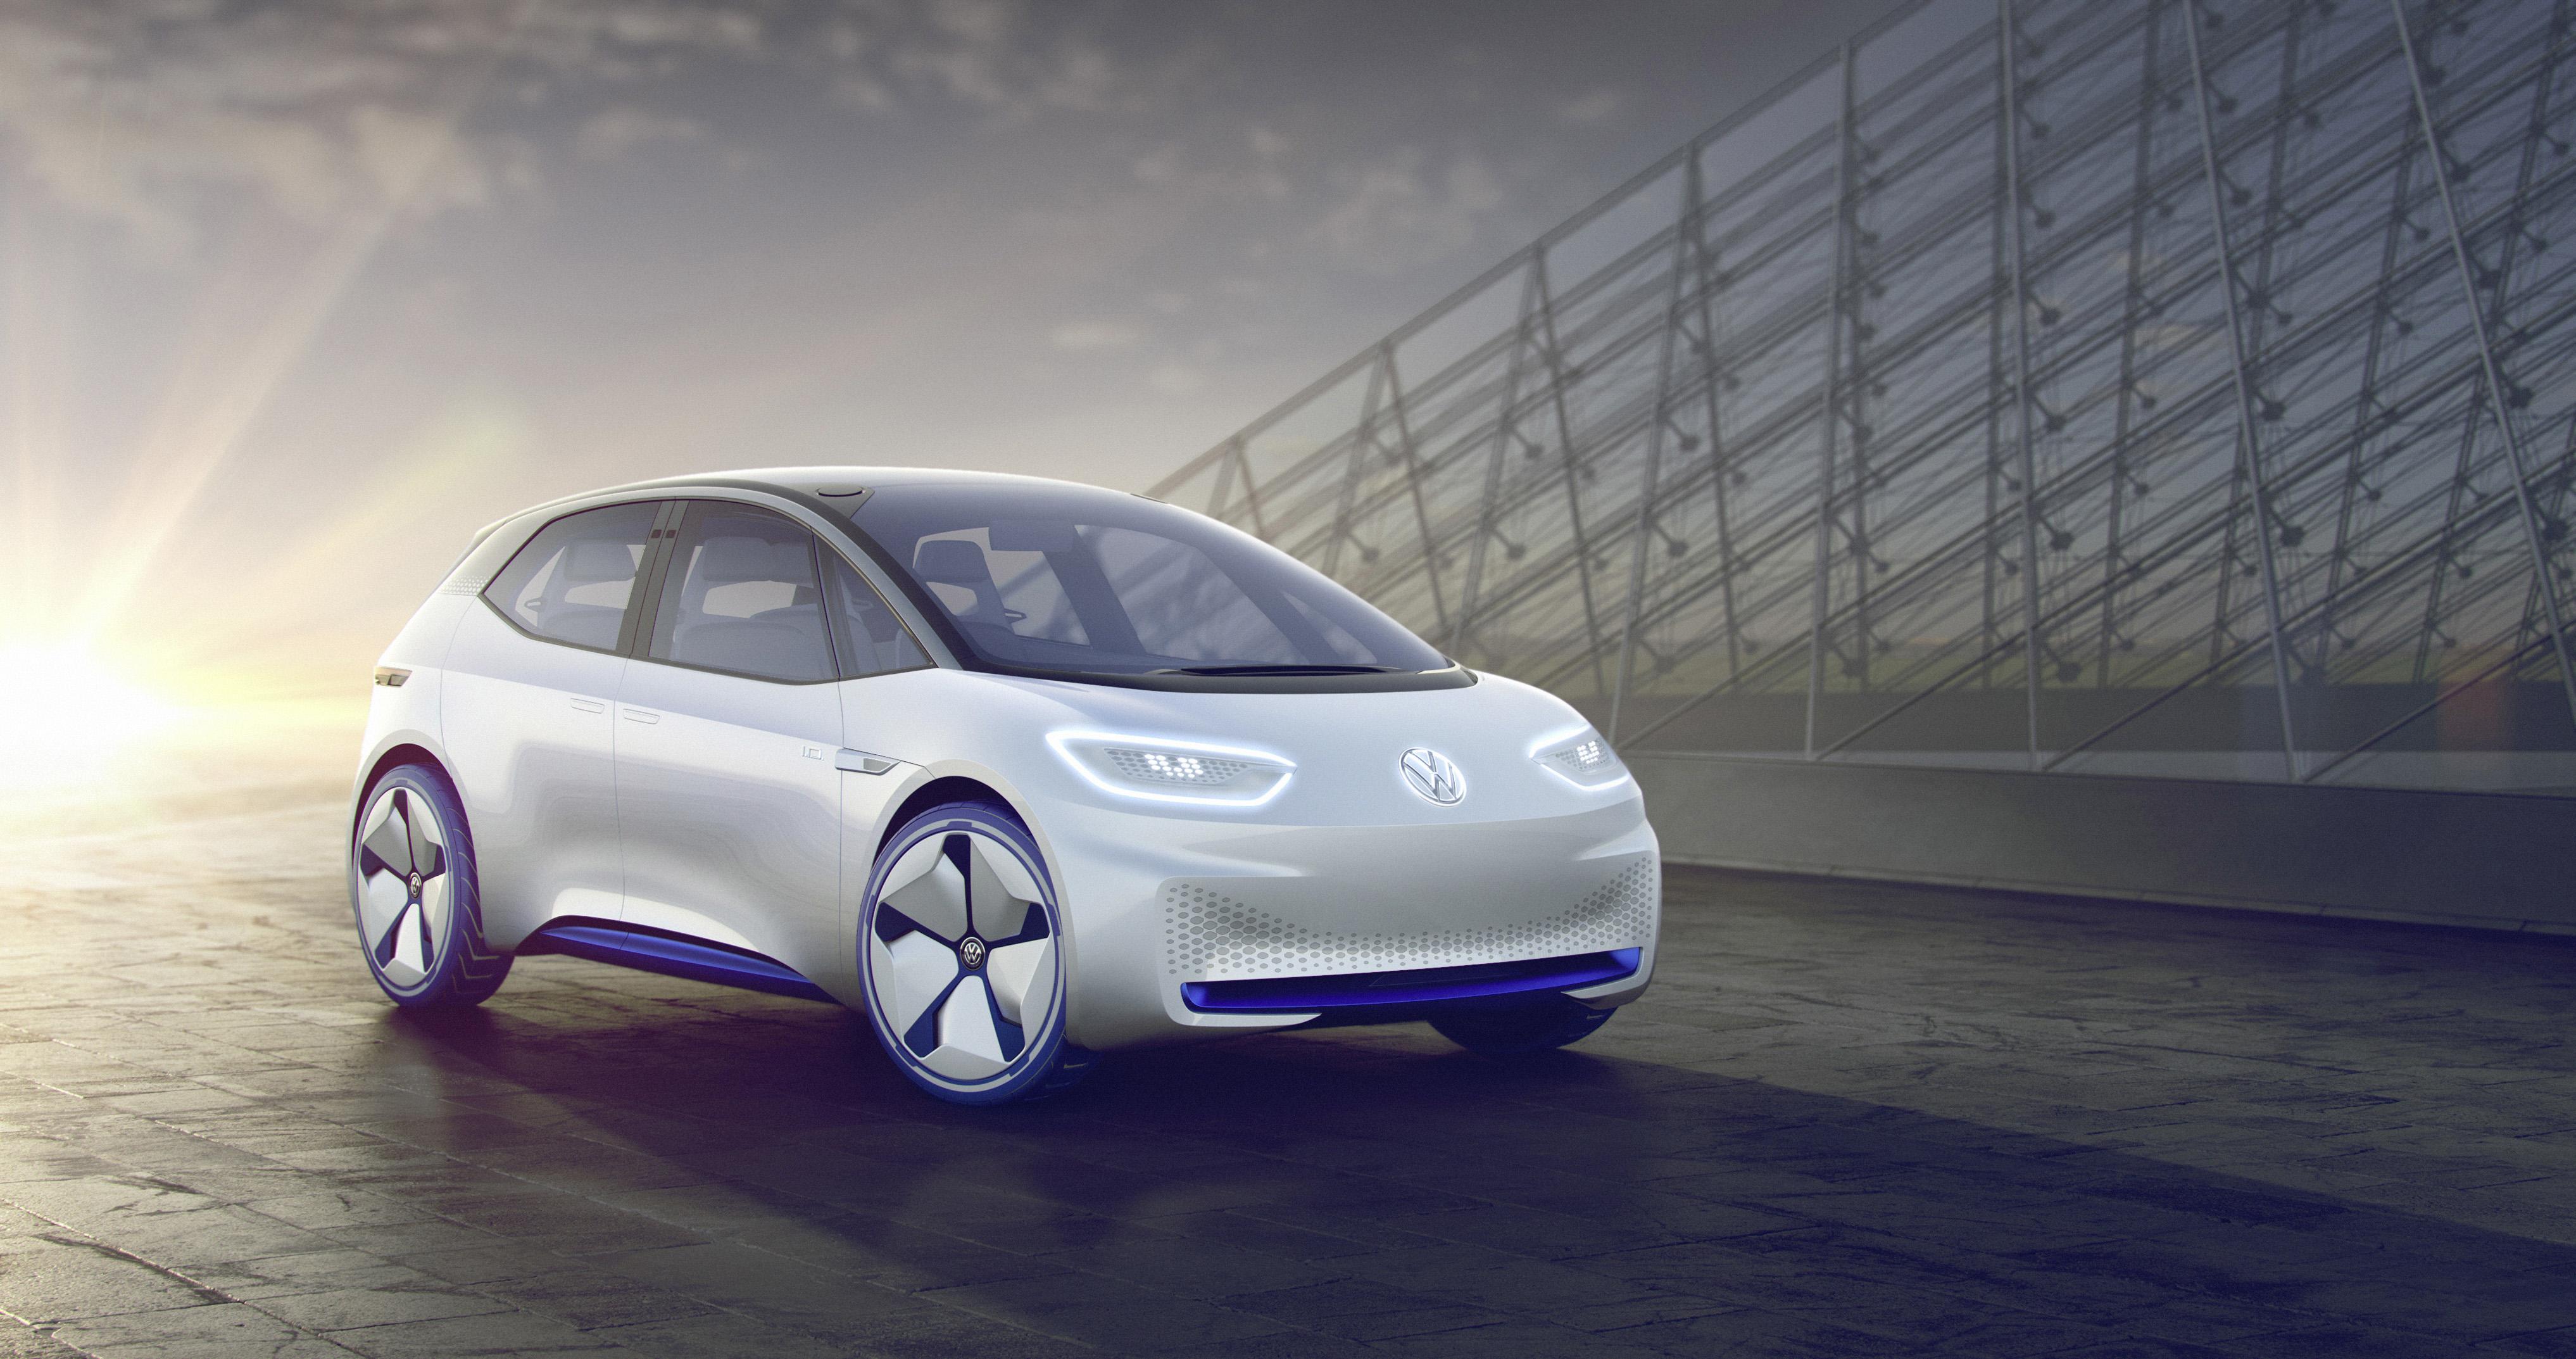 Sverige viktig marknad för Volkswagens elbilar – snart kan den första ID.-modellen förbokas